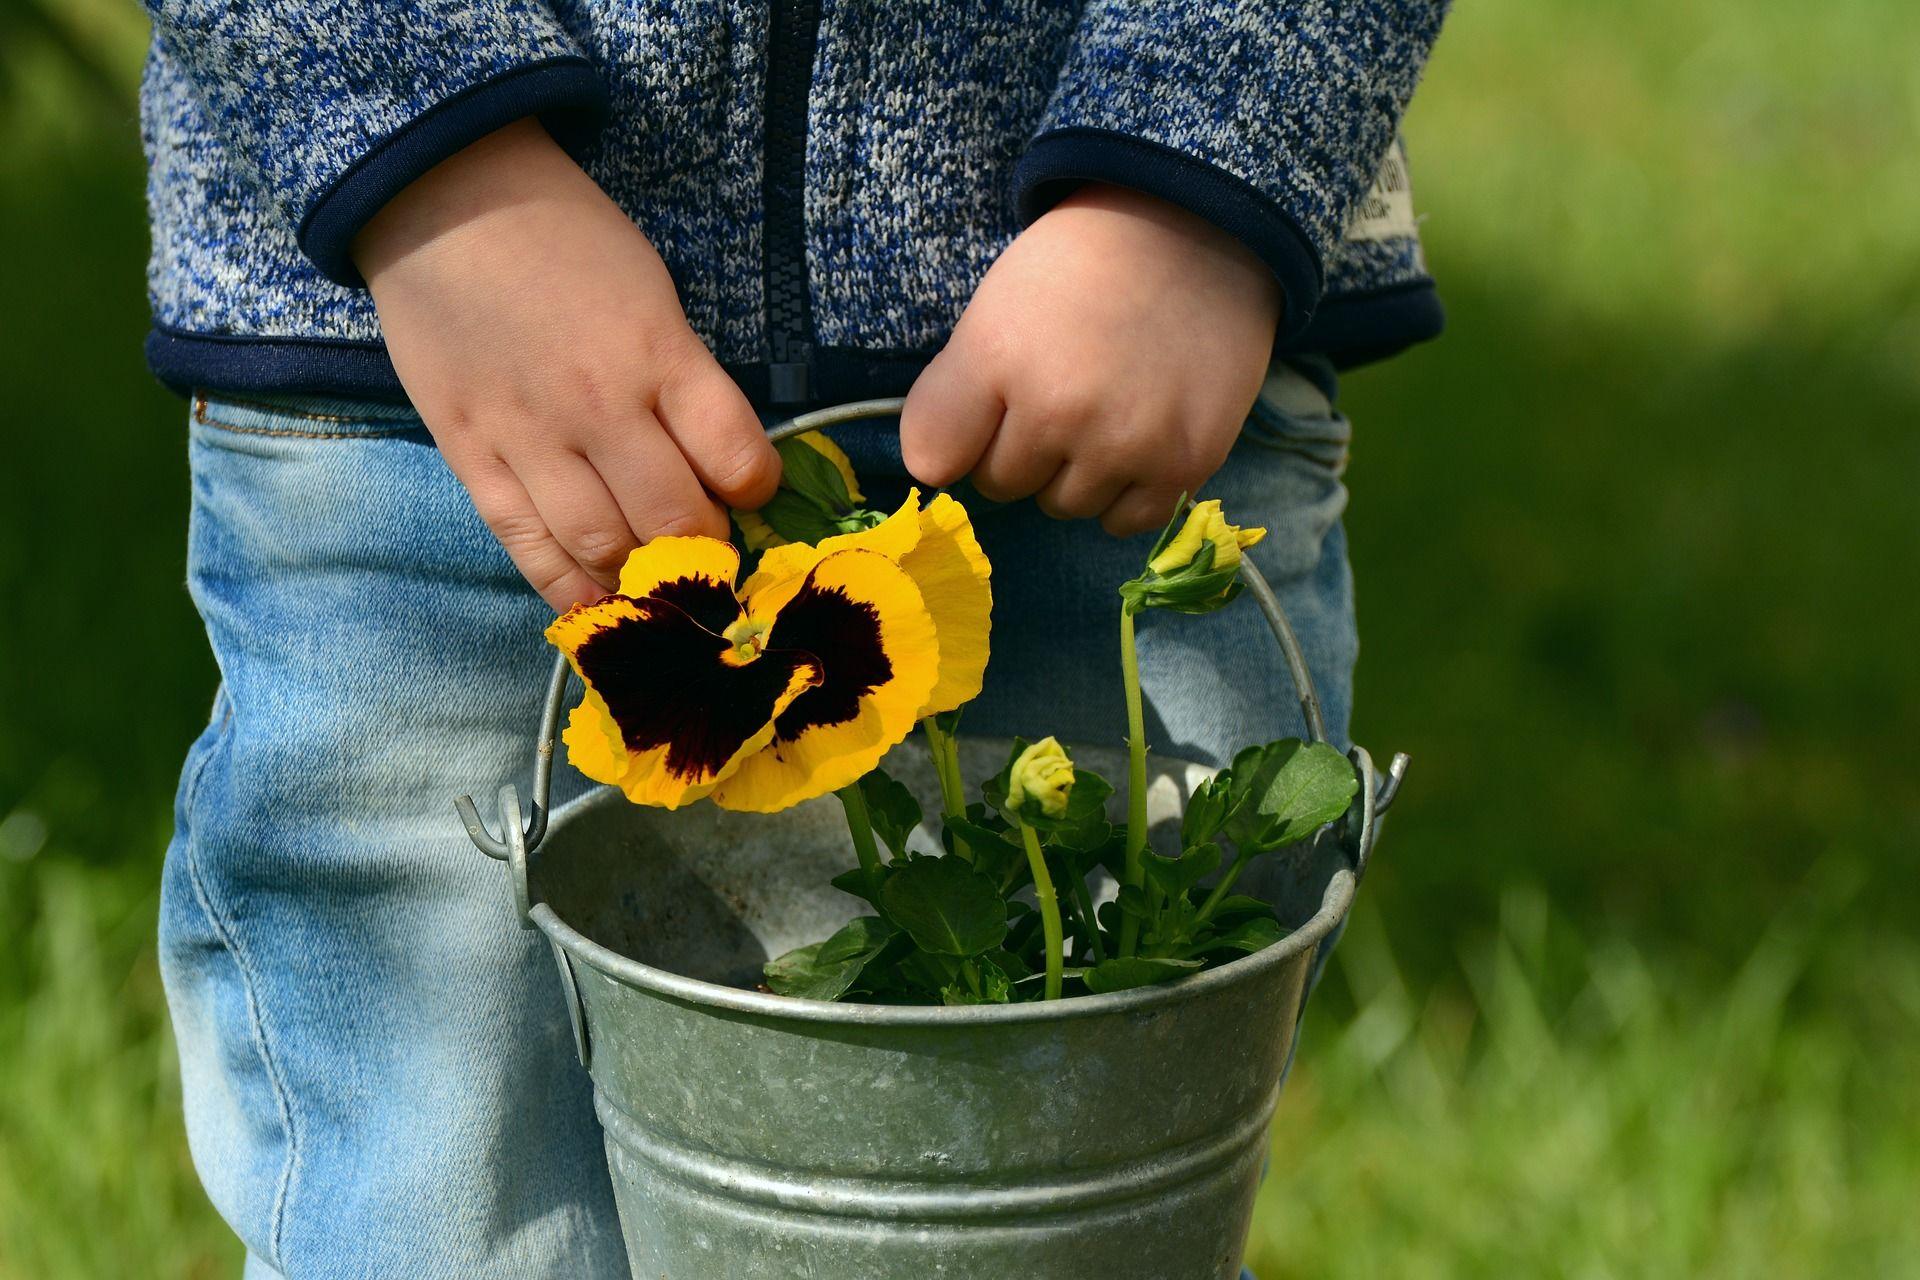 Lapsi kantaa orvokkia ämpärissä.